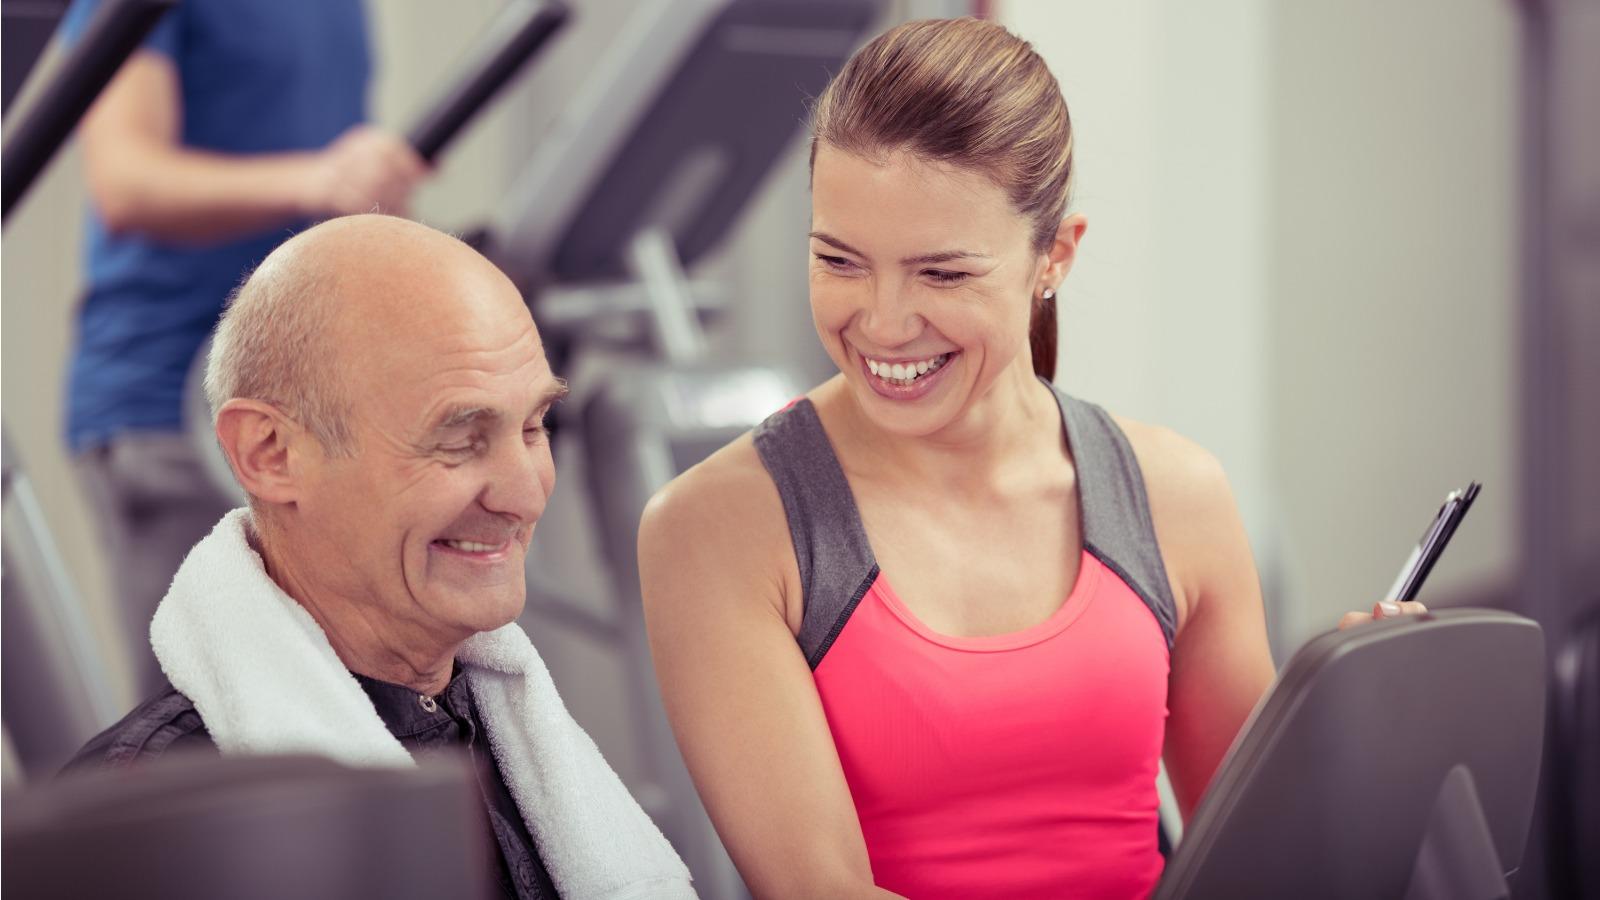 De beste 50+ Fitness volg je bij Fitness de Bataaf in Den Haag